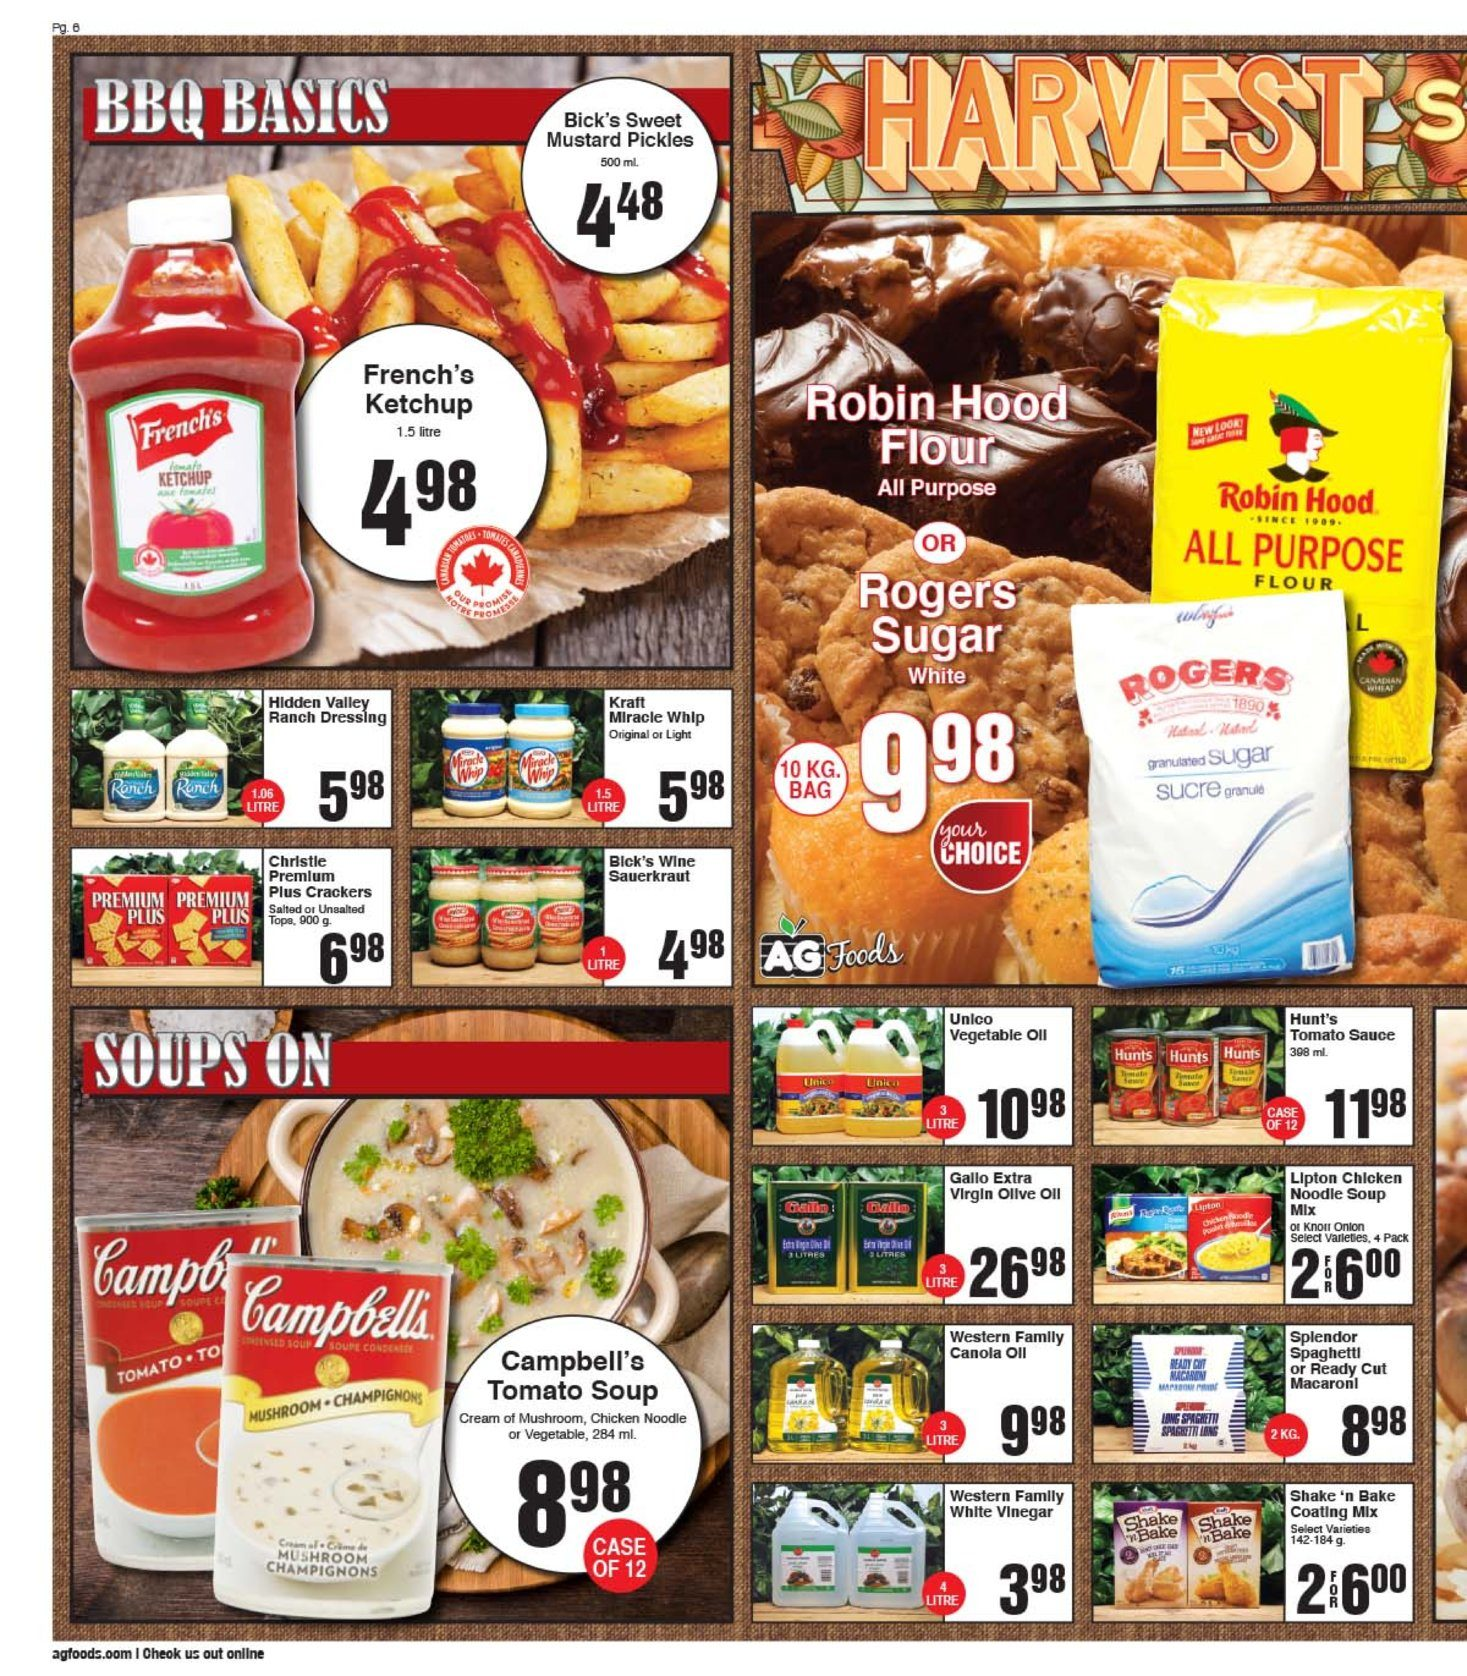 AG Foods - 2 Weeks of Savings - Page 6